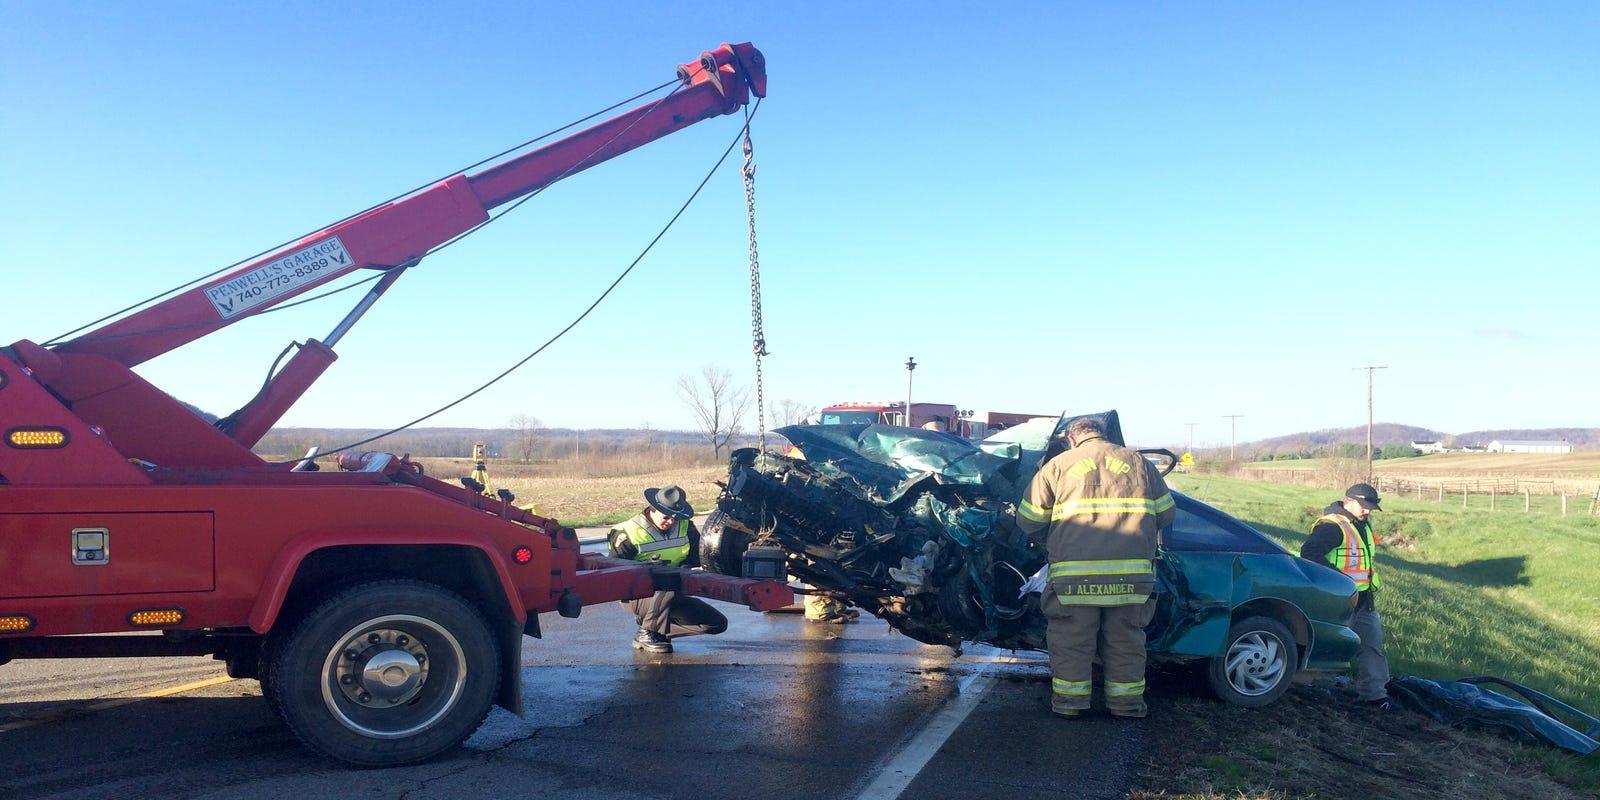 US 50 reopened after fatal crash